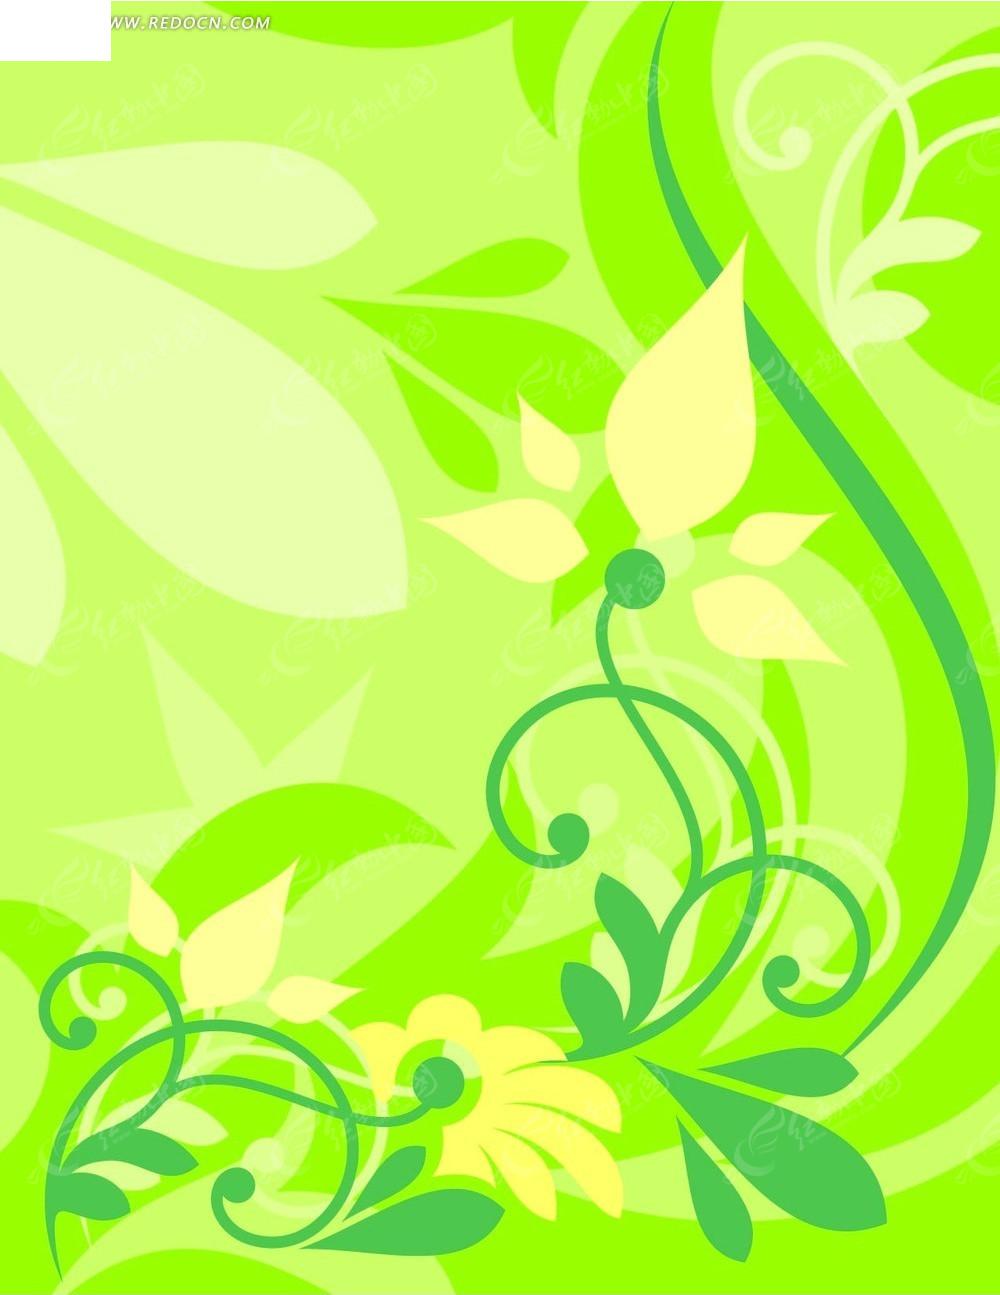 绿色青春花卉素材